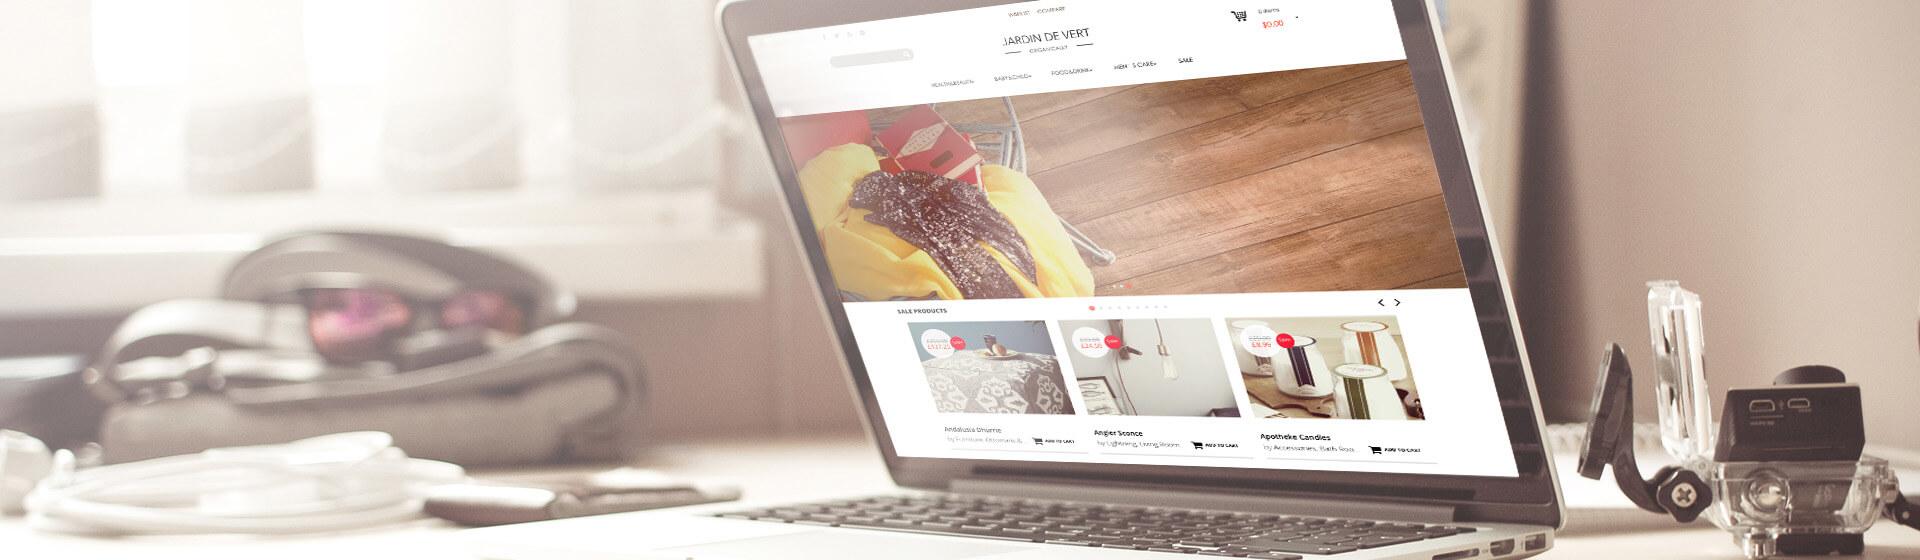 JARDIN DE VERT电商网站